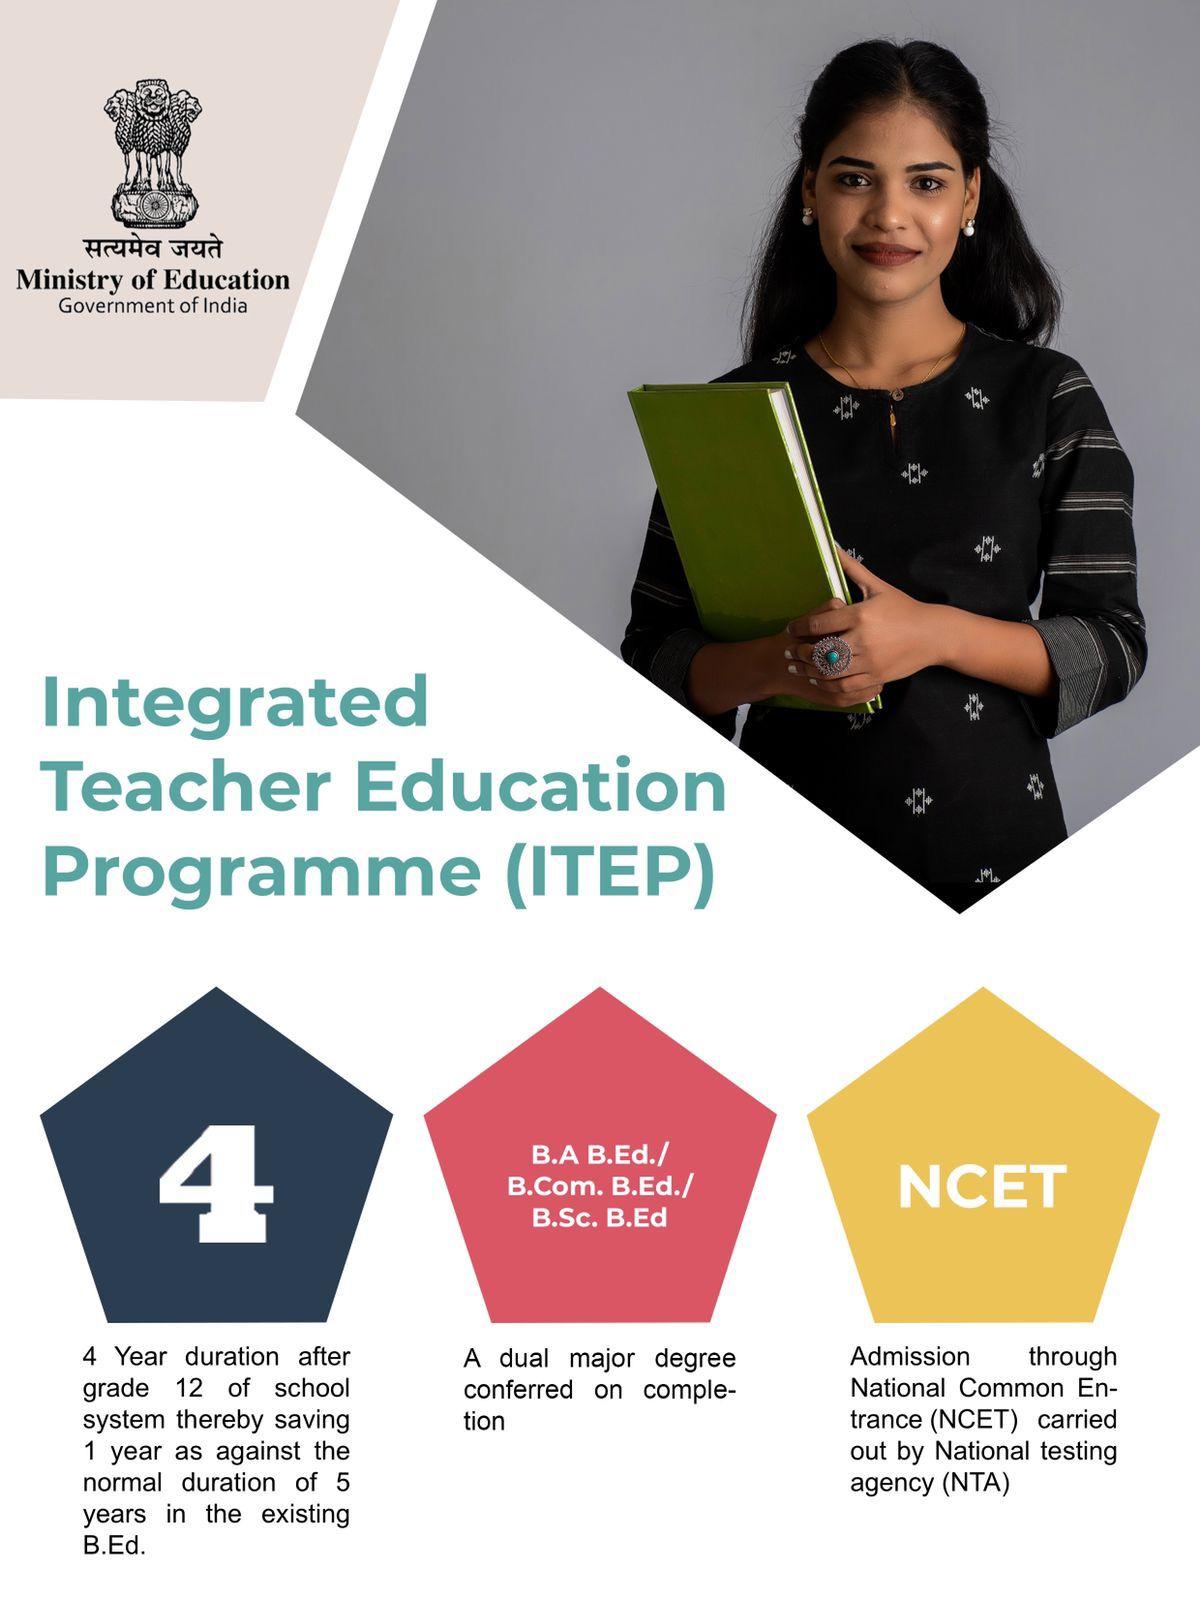 शिक्षा मंत्रालय ने चार वर्षीय एकीकृत अध्यापक शिक्षा कार्यक्रम (आईटीईपी) को अधिसूचित किया